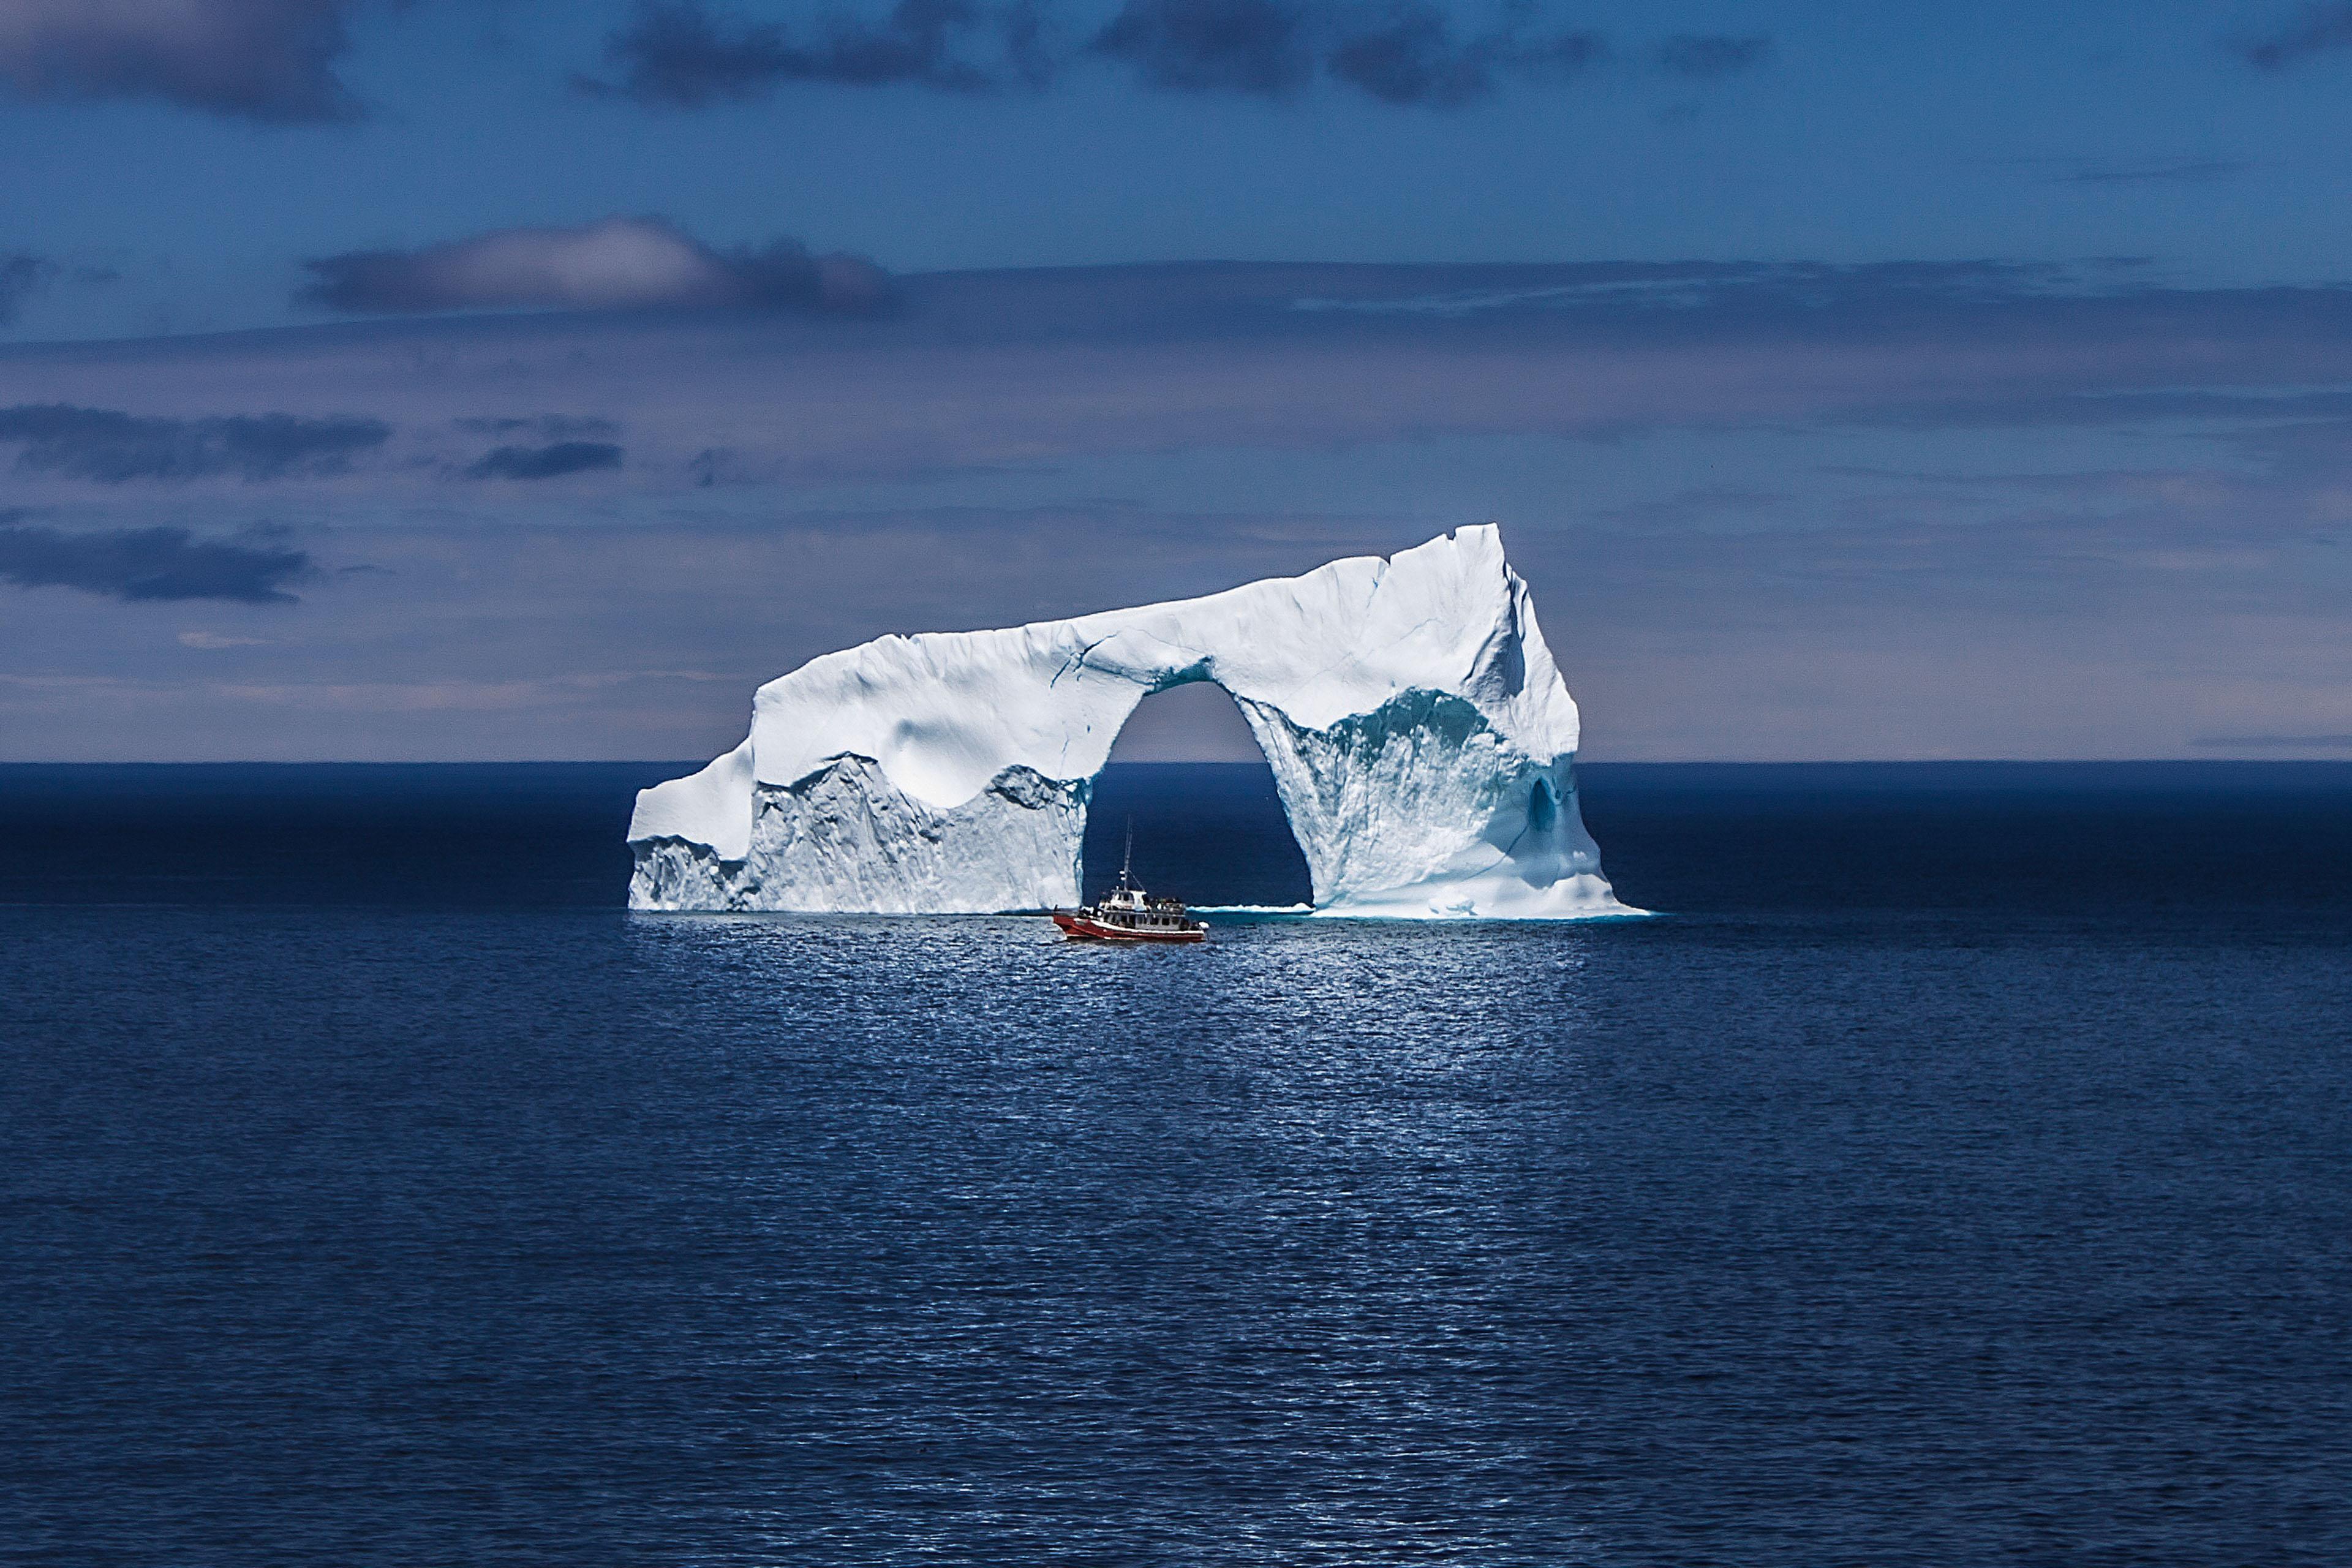 Barco arco de iceberg de mar